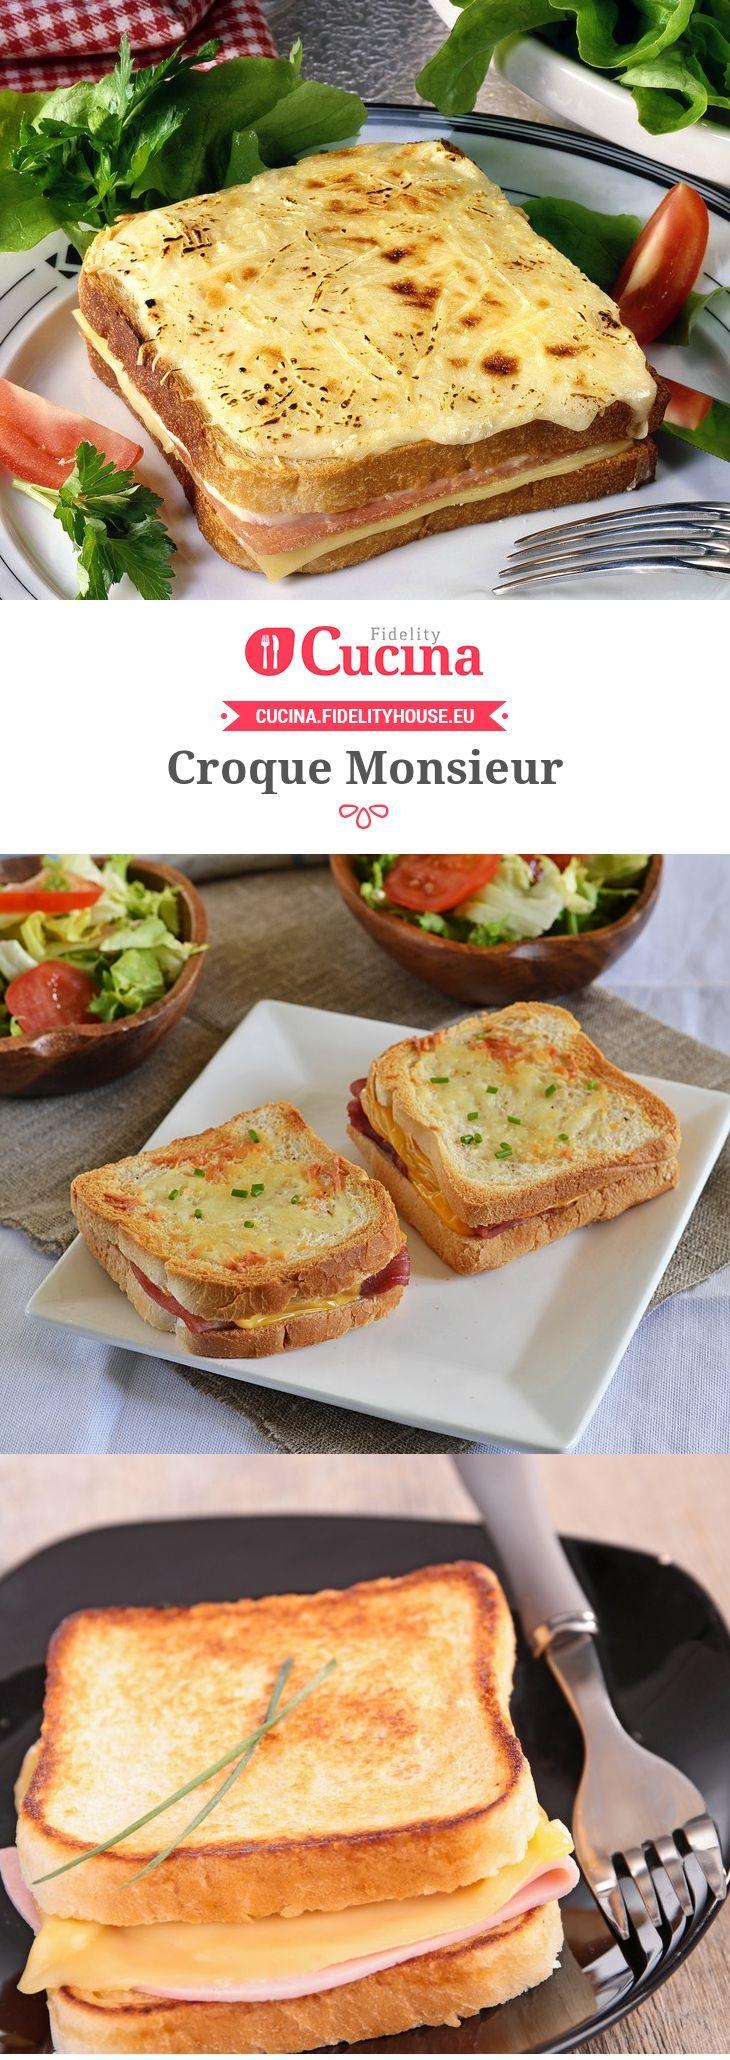 Ricetta Croque monsieur - Fidelity Cucina | Ricetta